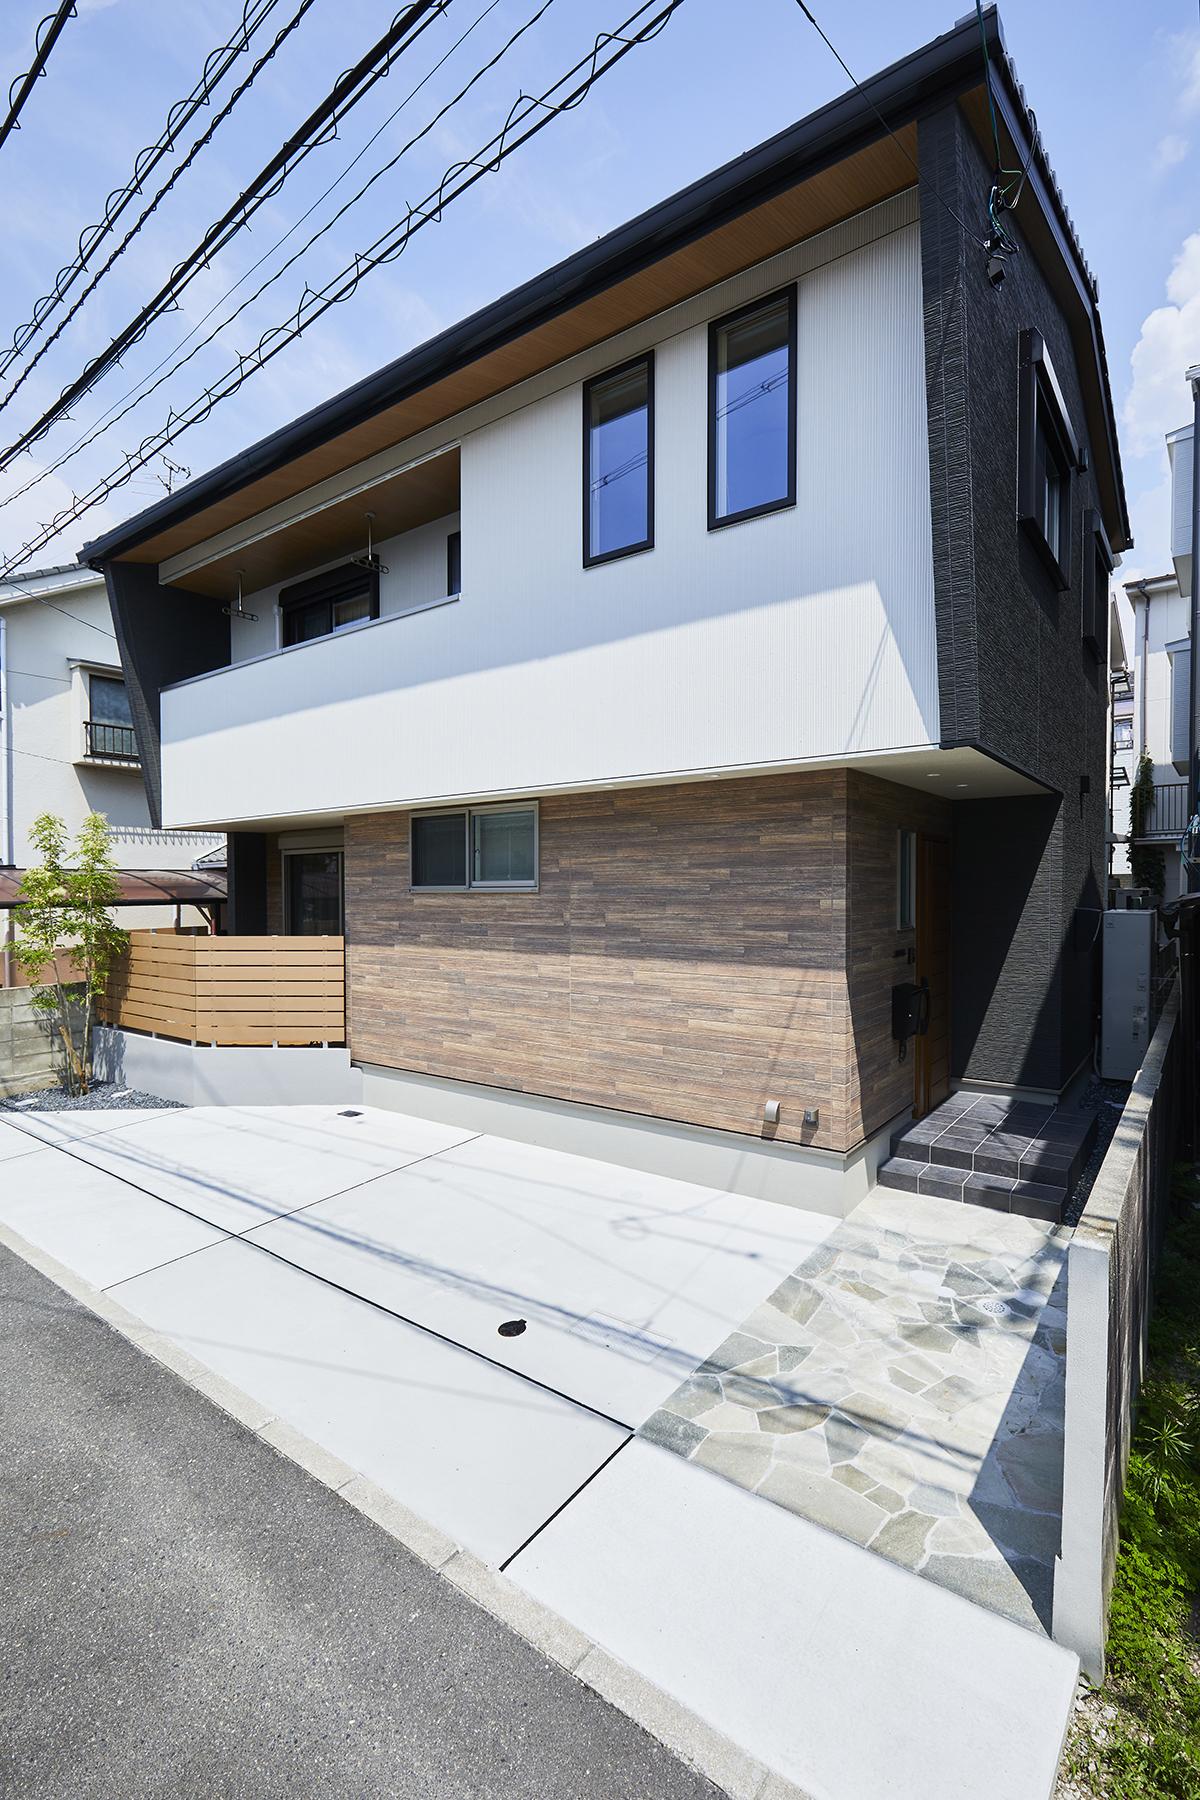 木・黒・白の3色でコーディネートを希望されたY様。南向きなので窓をたくさん作り明るい家になるように考えました。